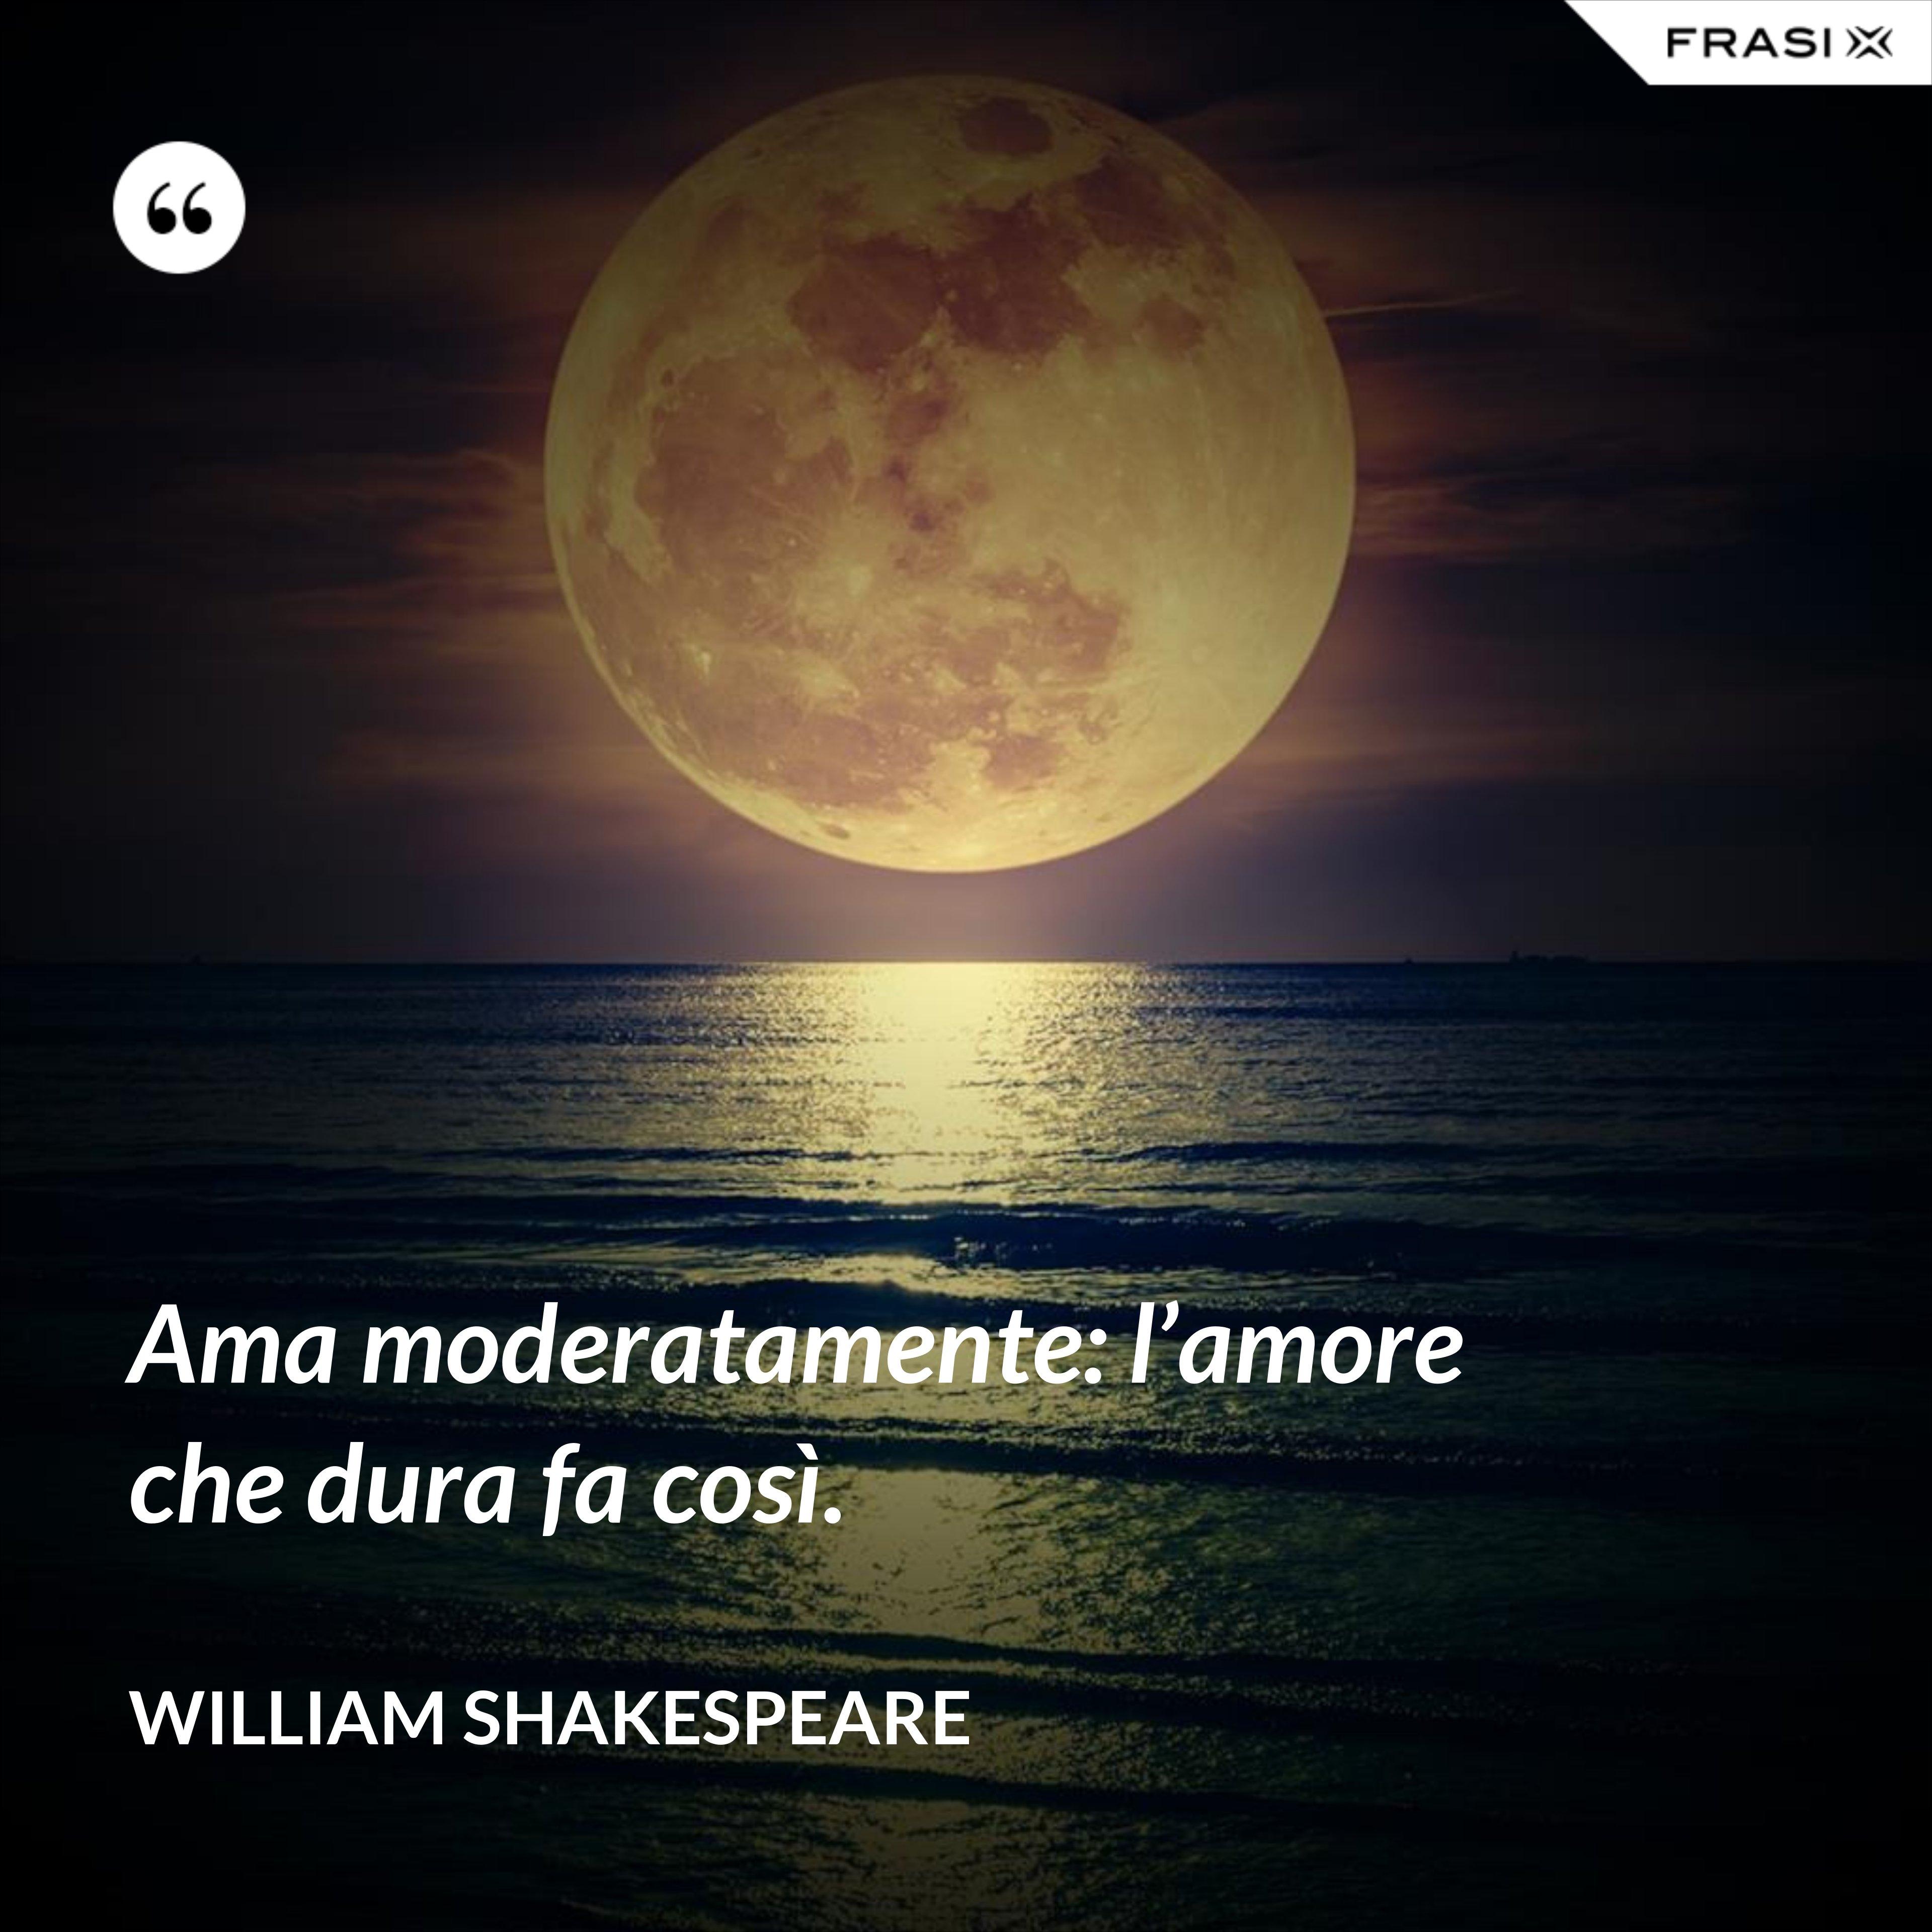 Ama moderatamente: l'amore che dura fa così. - William Shakespeare